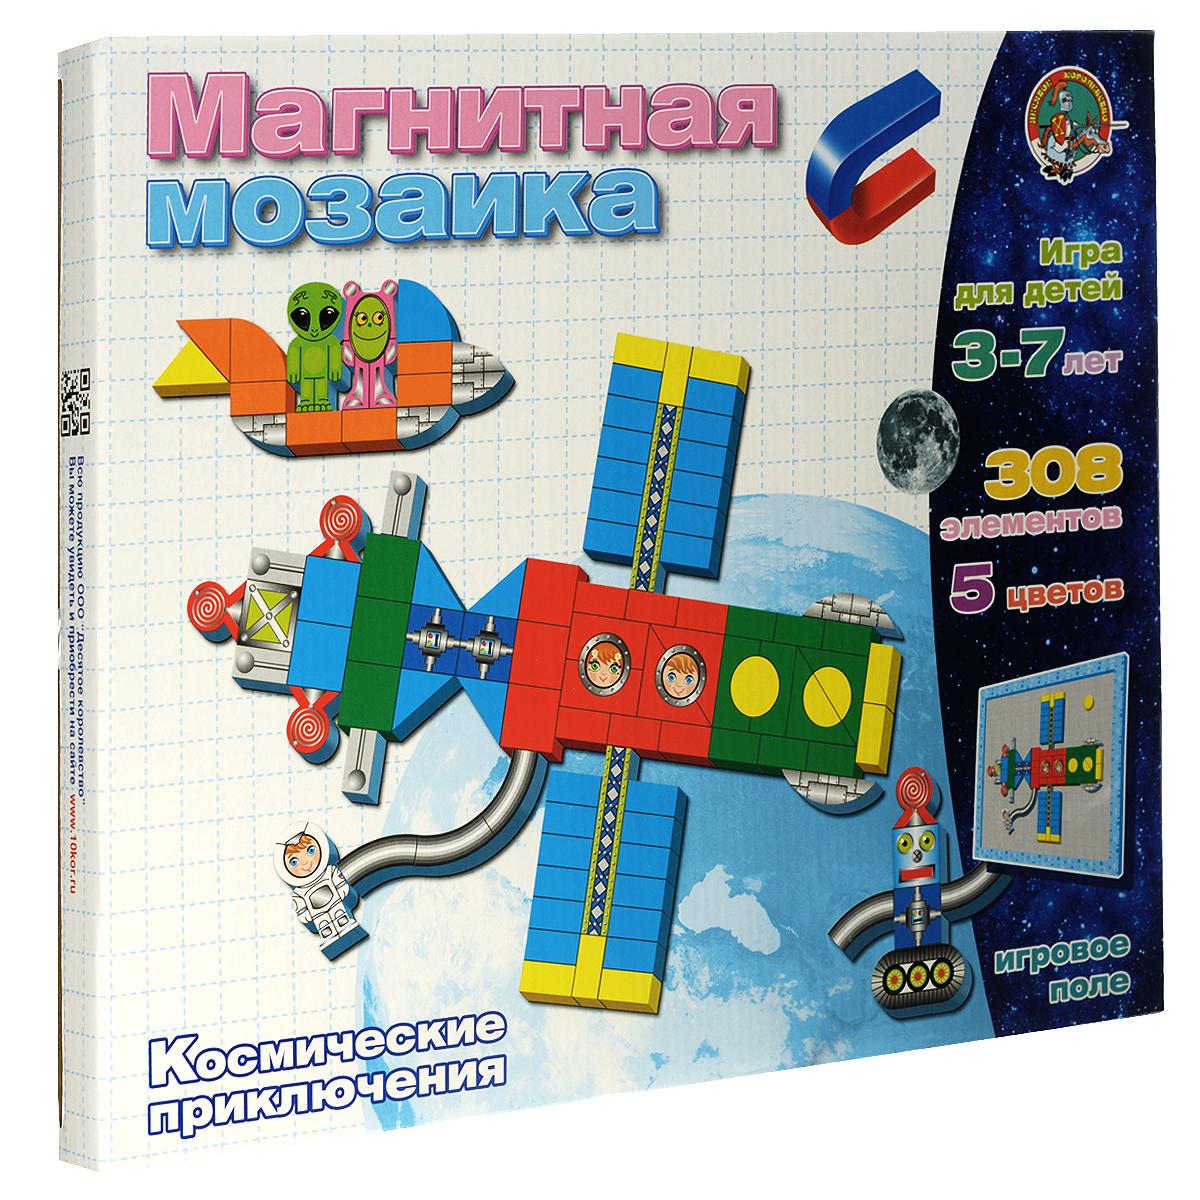 Магнитная мозаика Десятое королевство Космические приключения, 308 элементов настольные игры десятое королевство развивающая игра я читаю я считаю